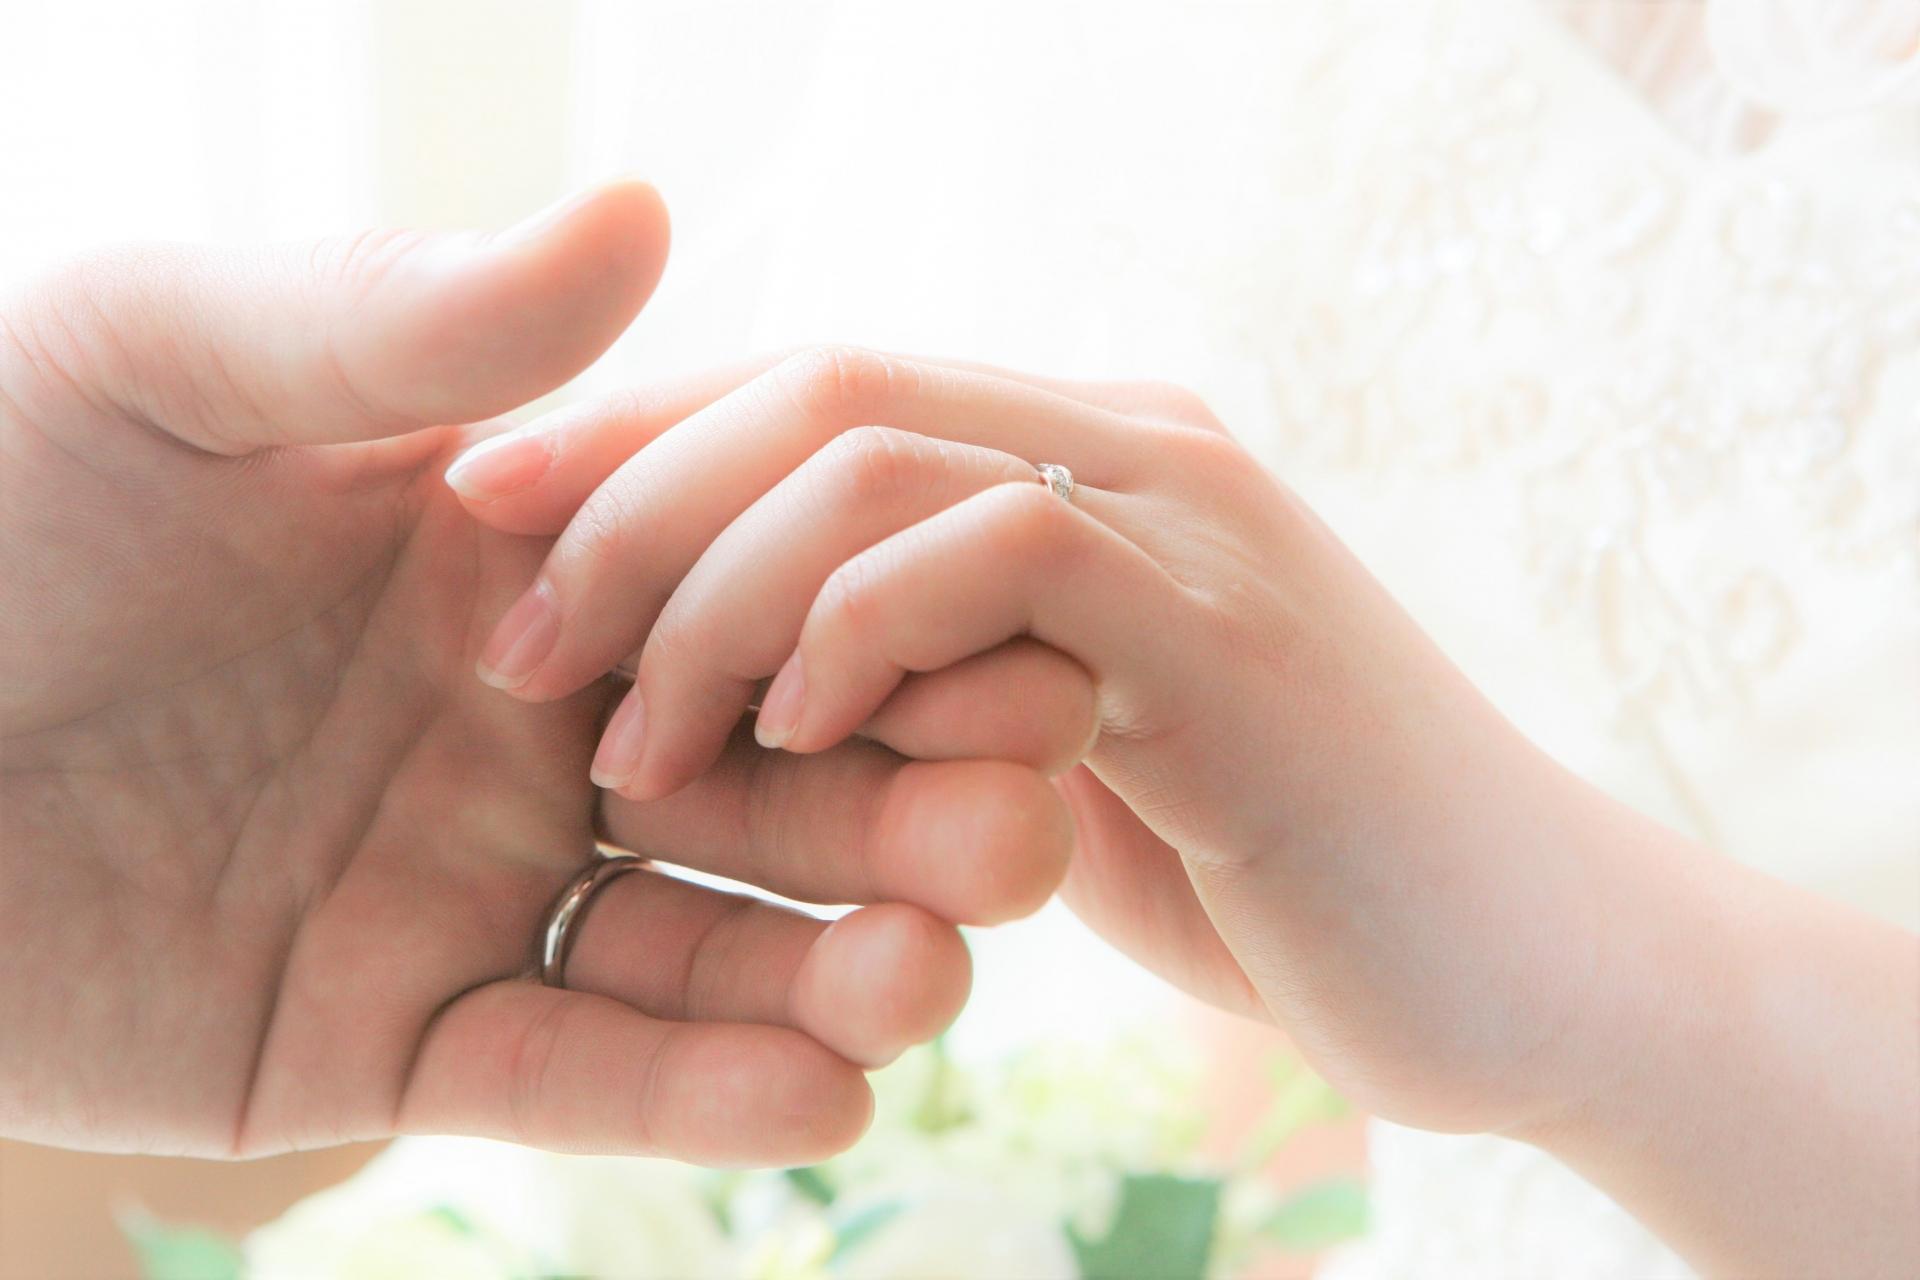 17726afeab7b3ddd80a111bf95ba19f2 m - 夫婦関係を修復・・・壊れた夫婦関係を取り戻す魔法の言葉